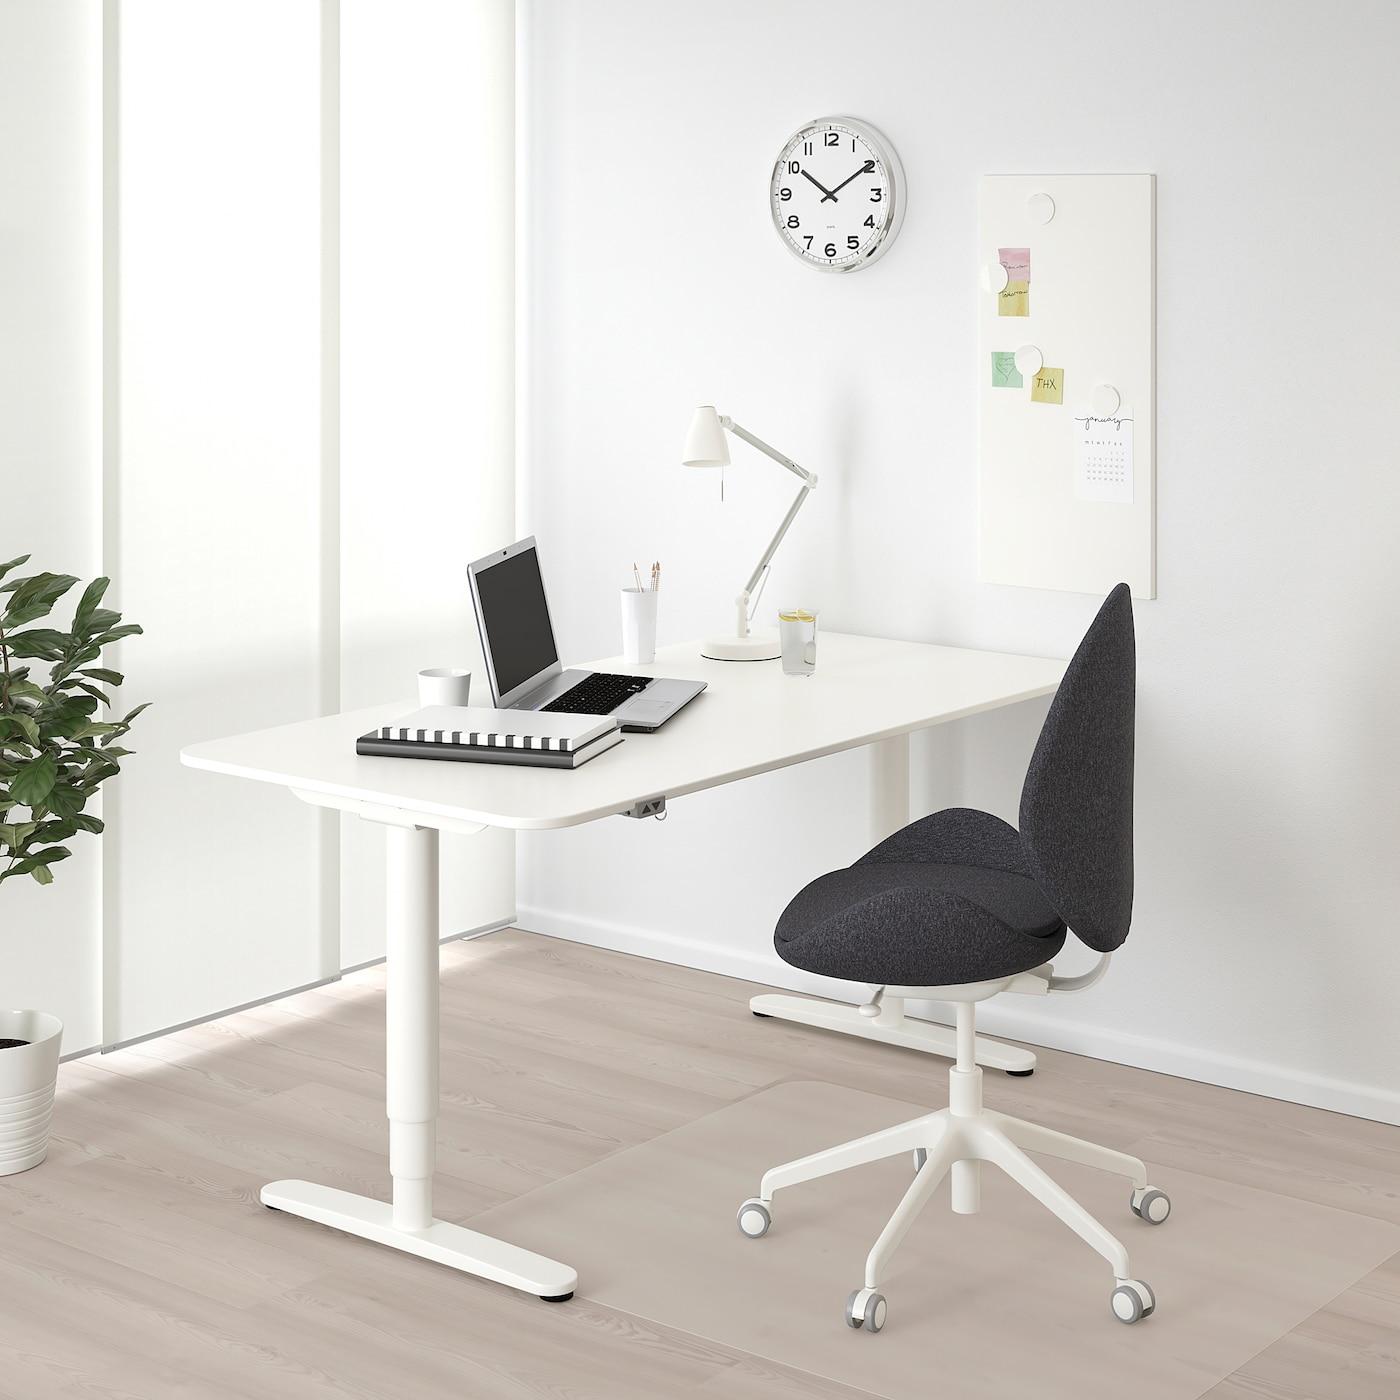 Ikea Schreibtisch Verstellbar